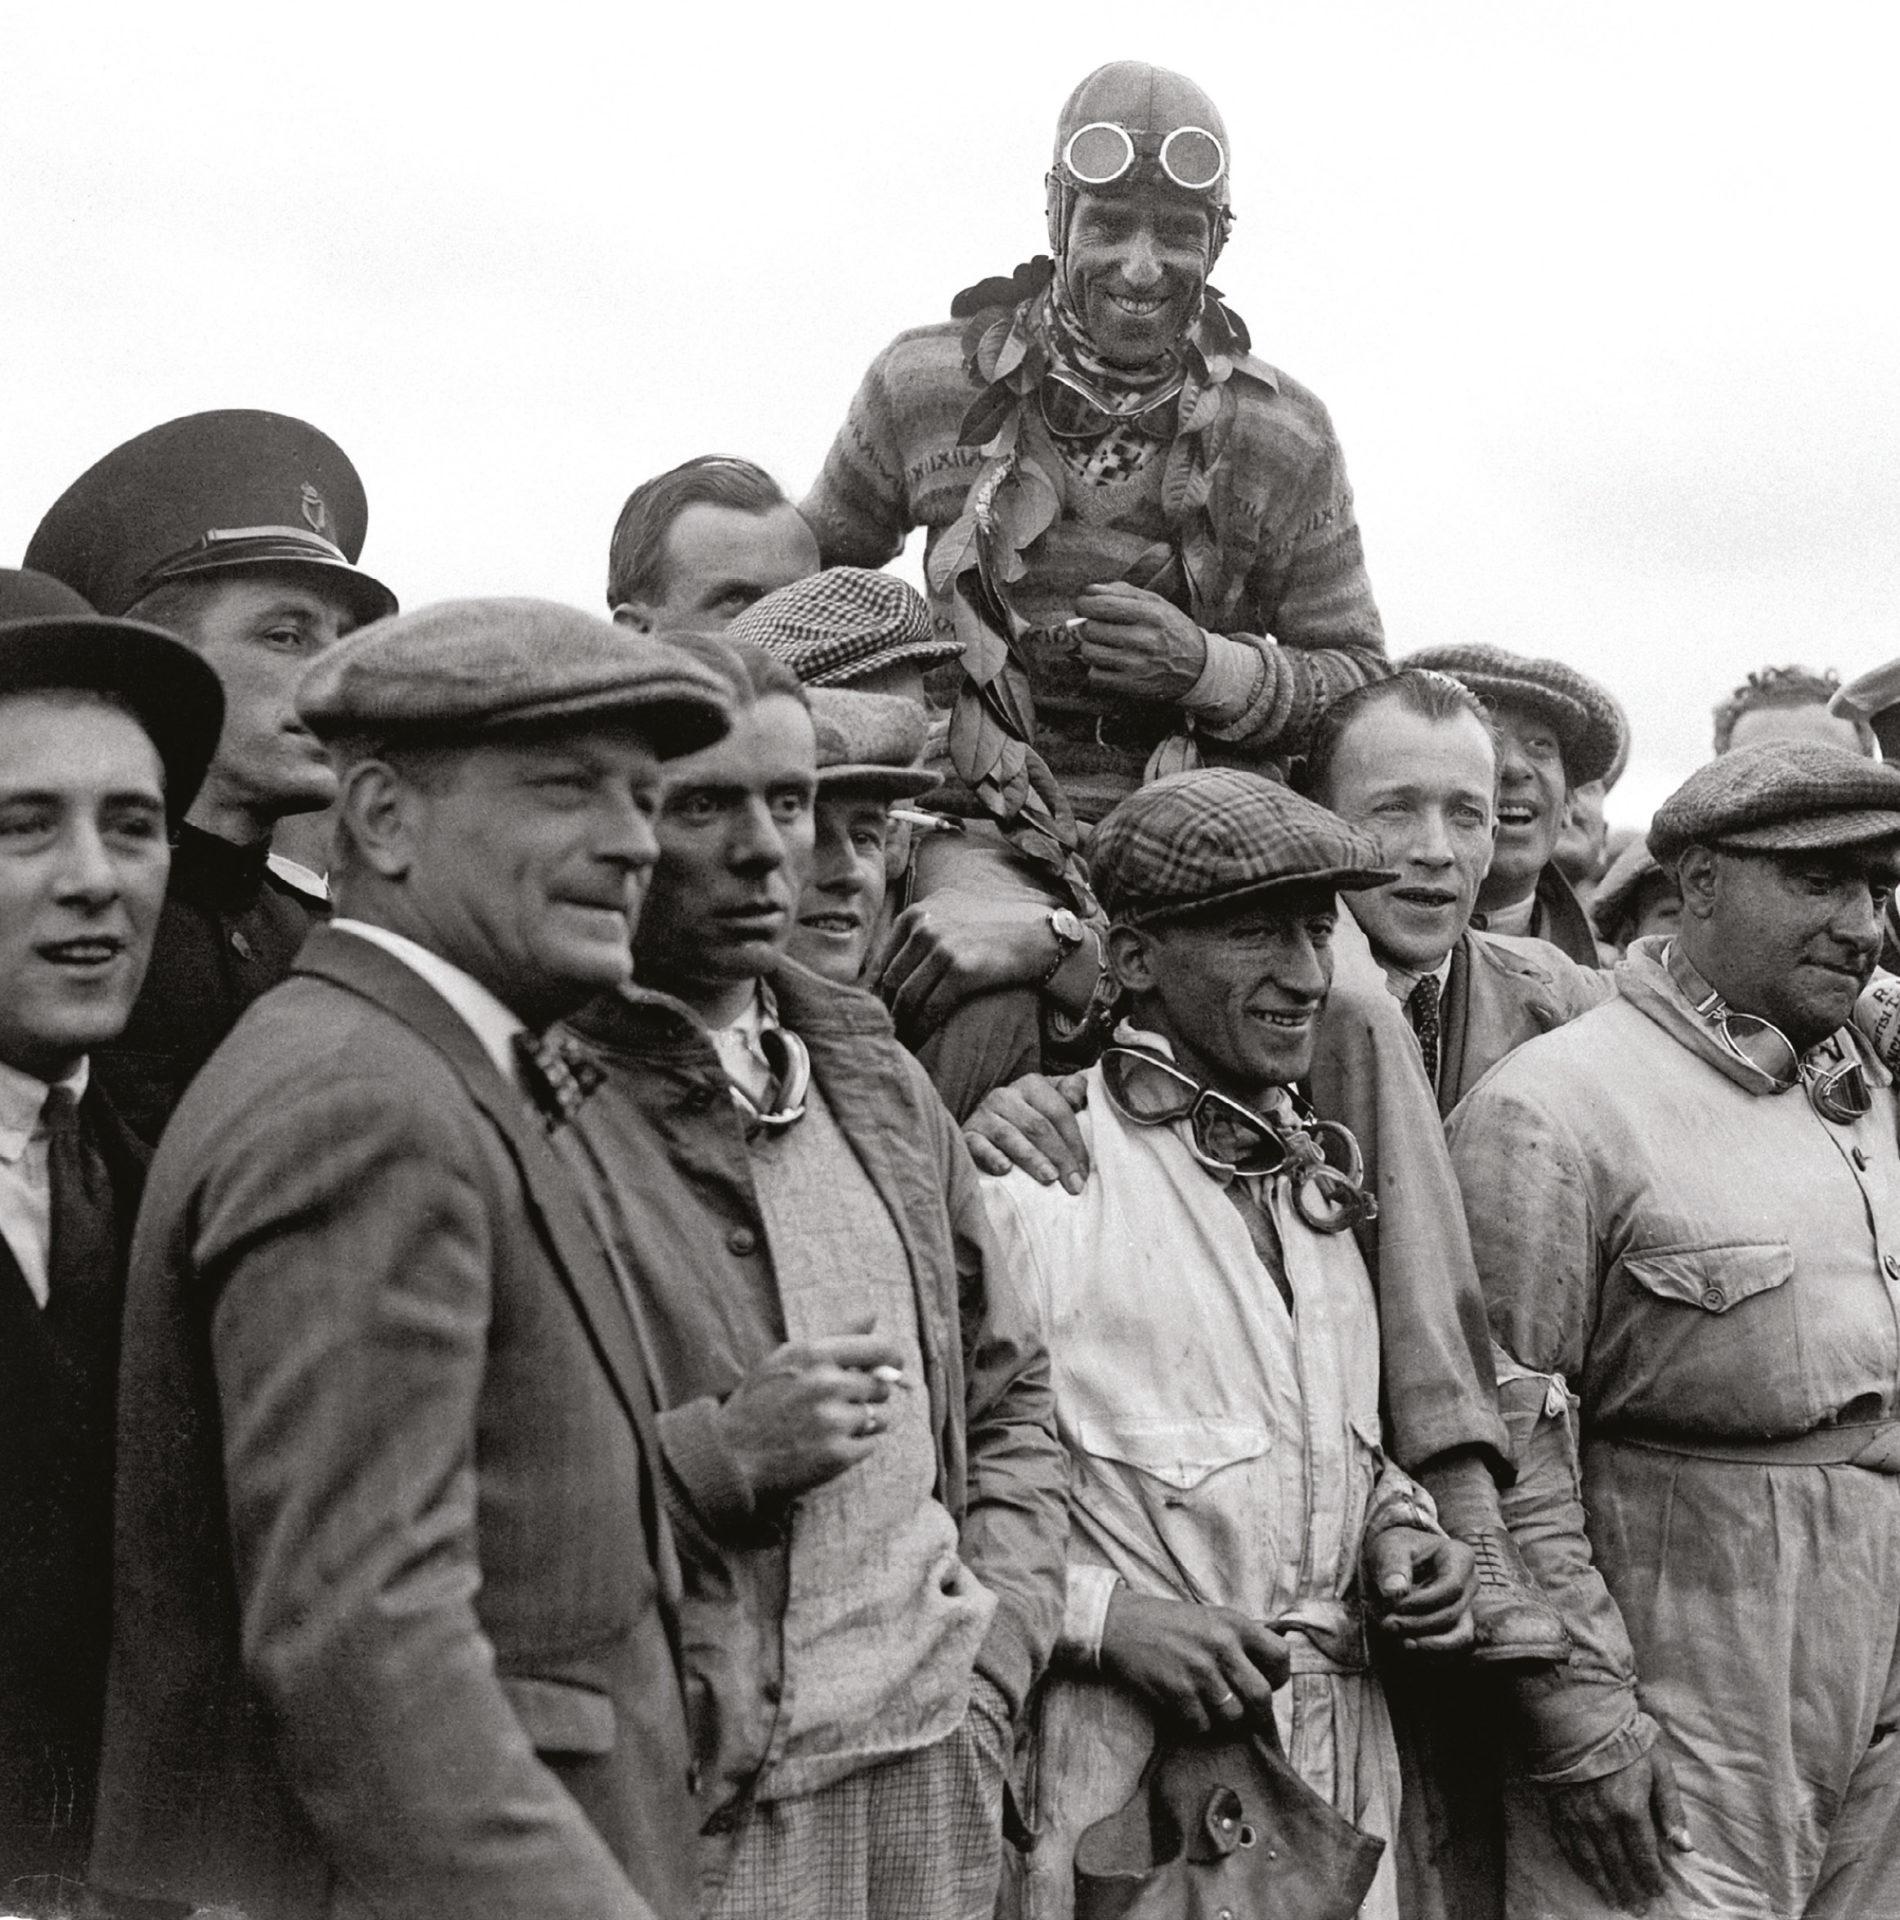 Nuvolari hoisted aloft by his Alfa team